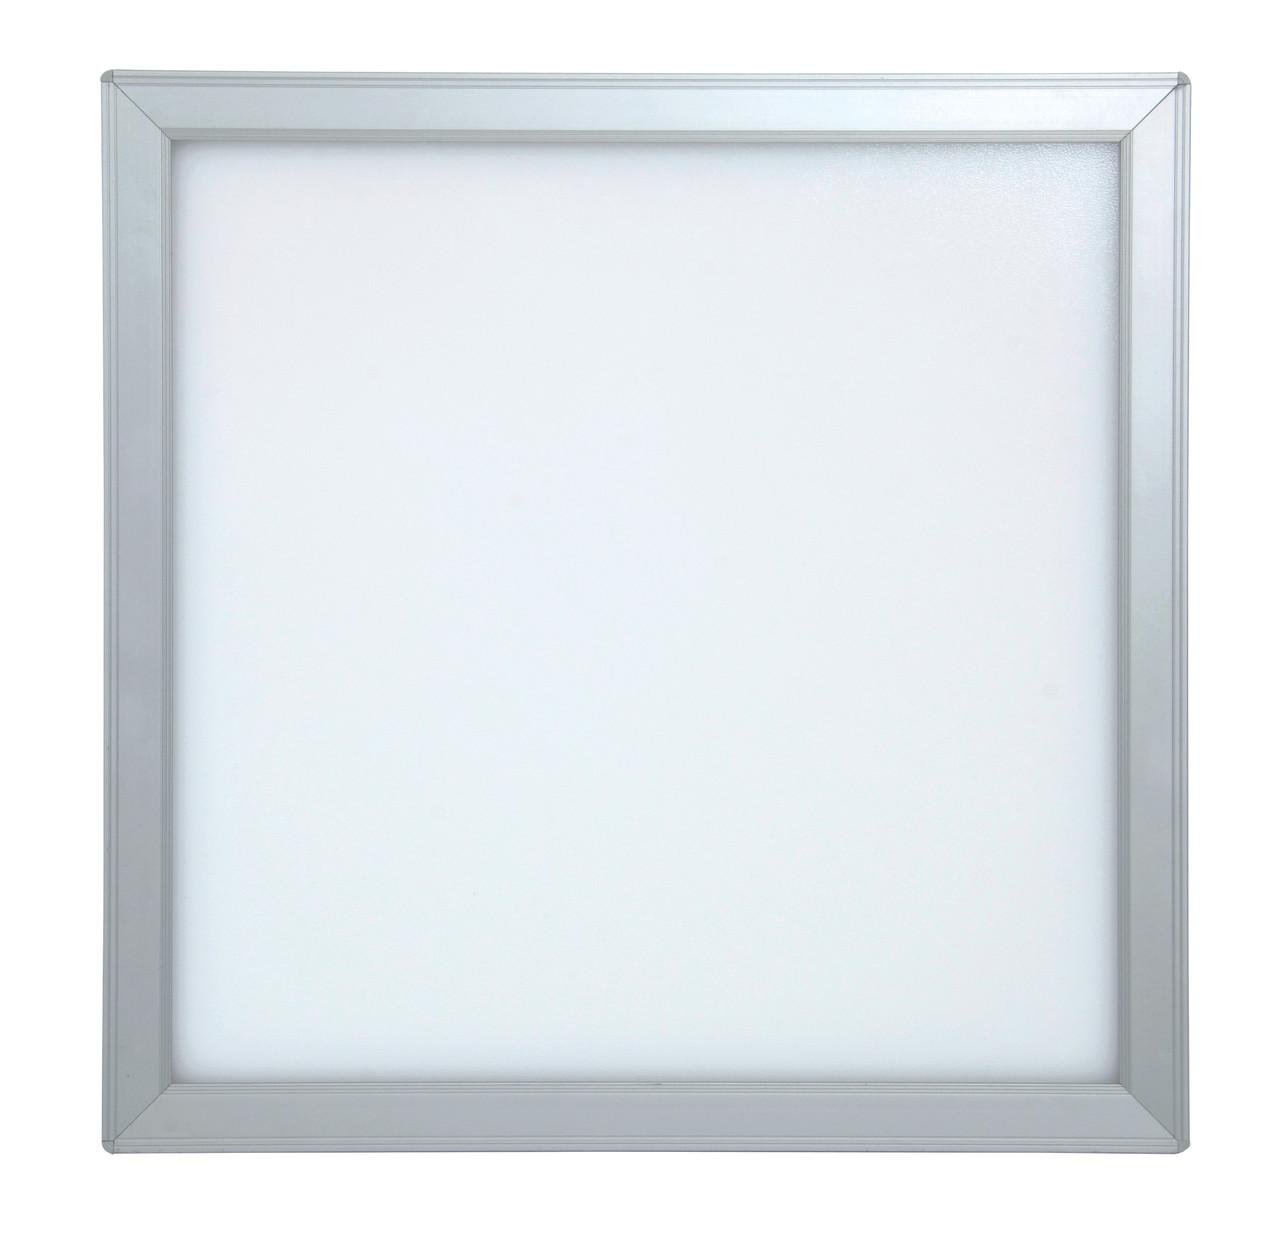 Светодиодные светильники  OPTOMA FP3030W010-1